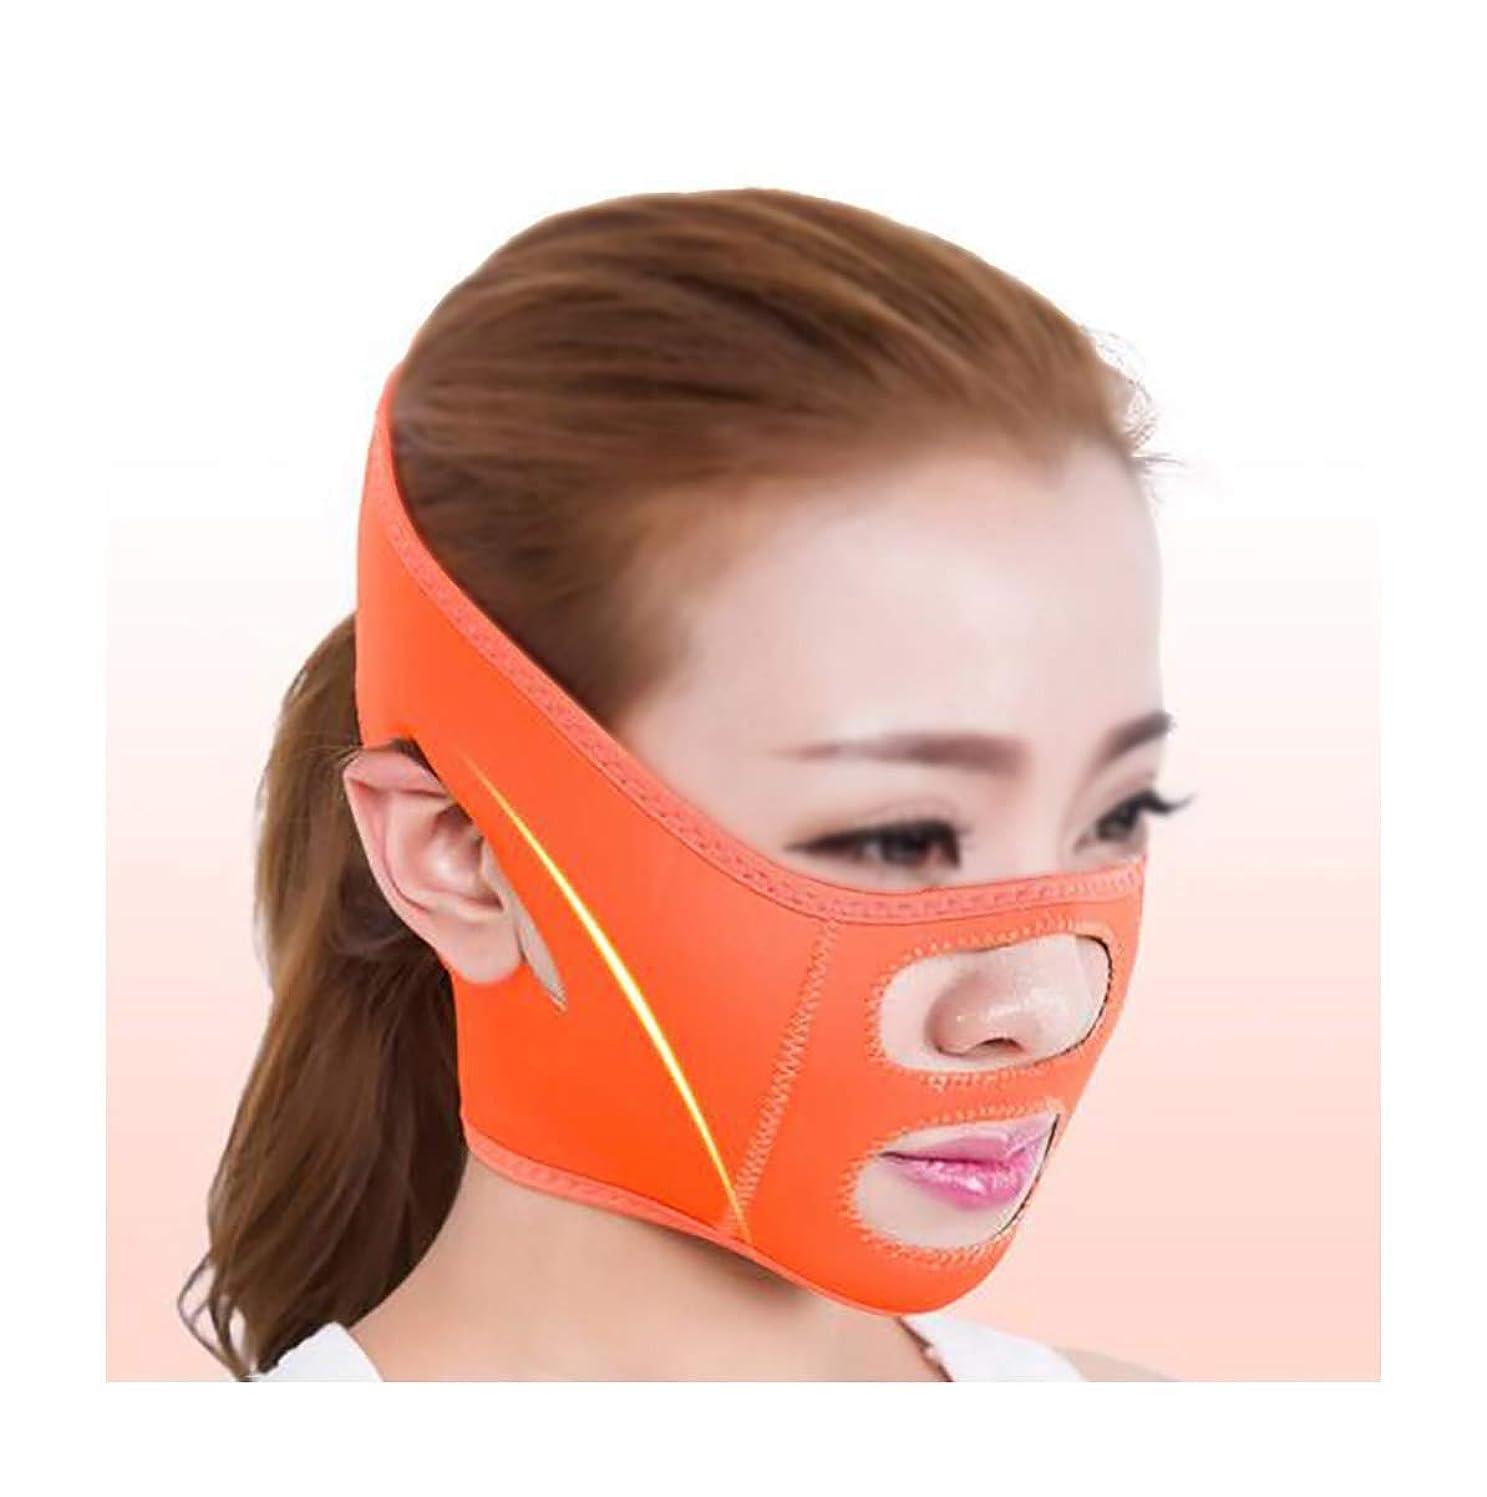 申込みお嬢きれいにファーミングフェイスマスク、術後リフティングマスクホーム包帯揺れネットワーク赤女性Vフェイスステッカーストラップ楽器顔アーティファクト(色:青),オレンジ